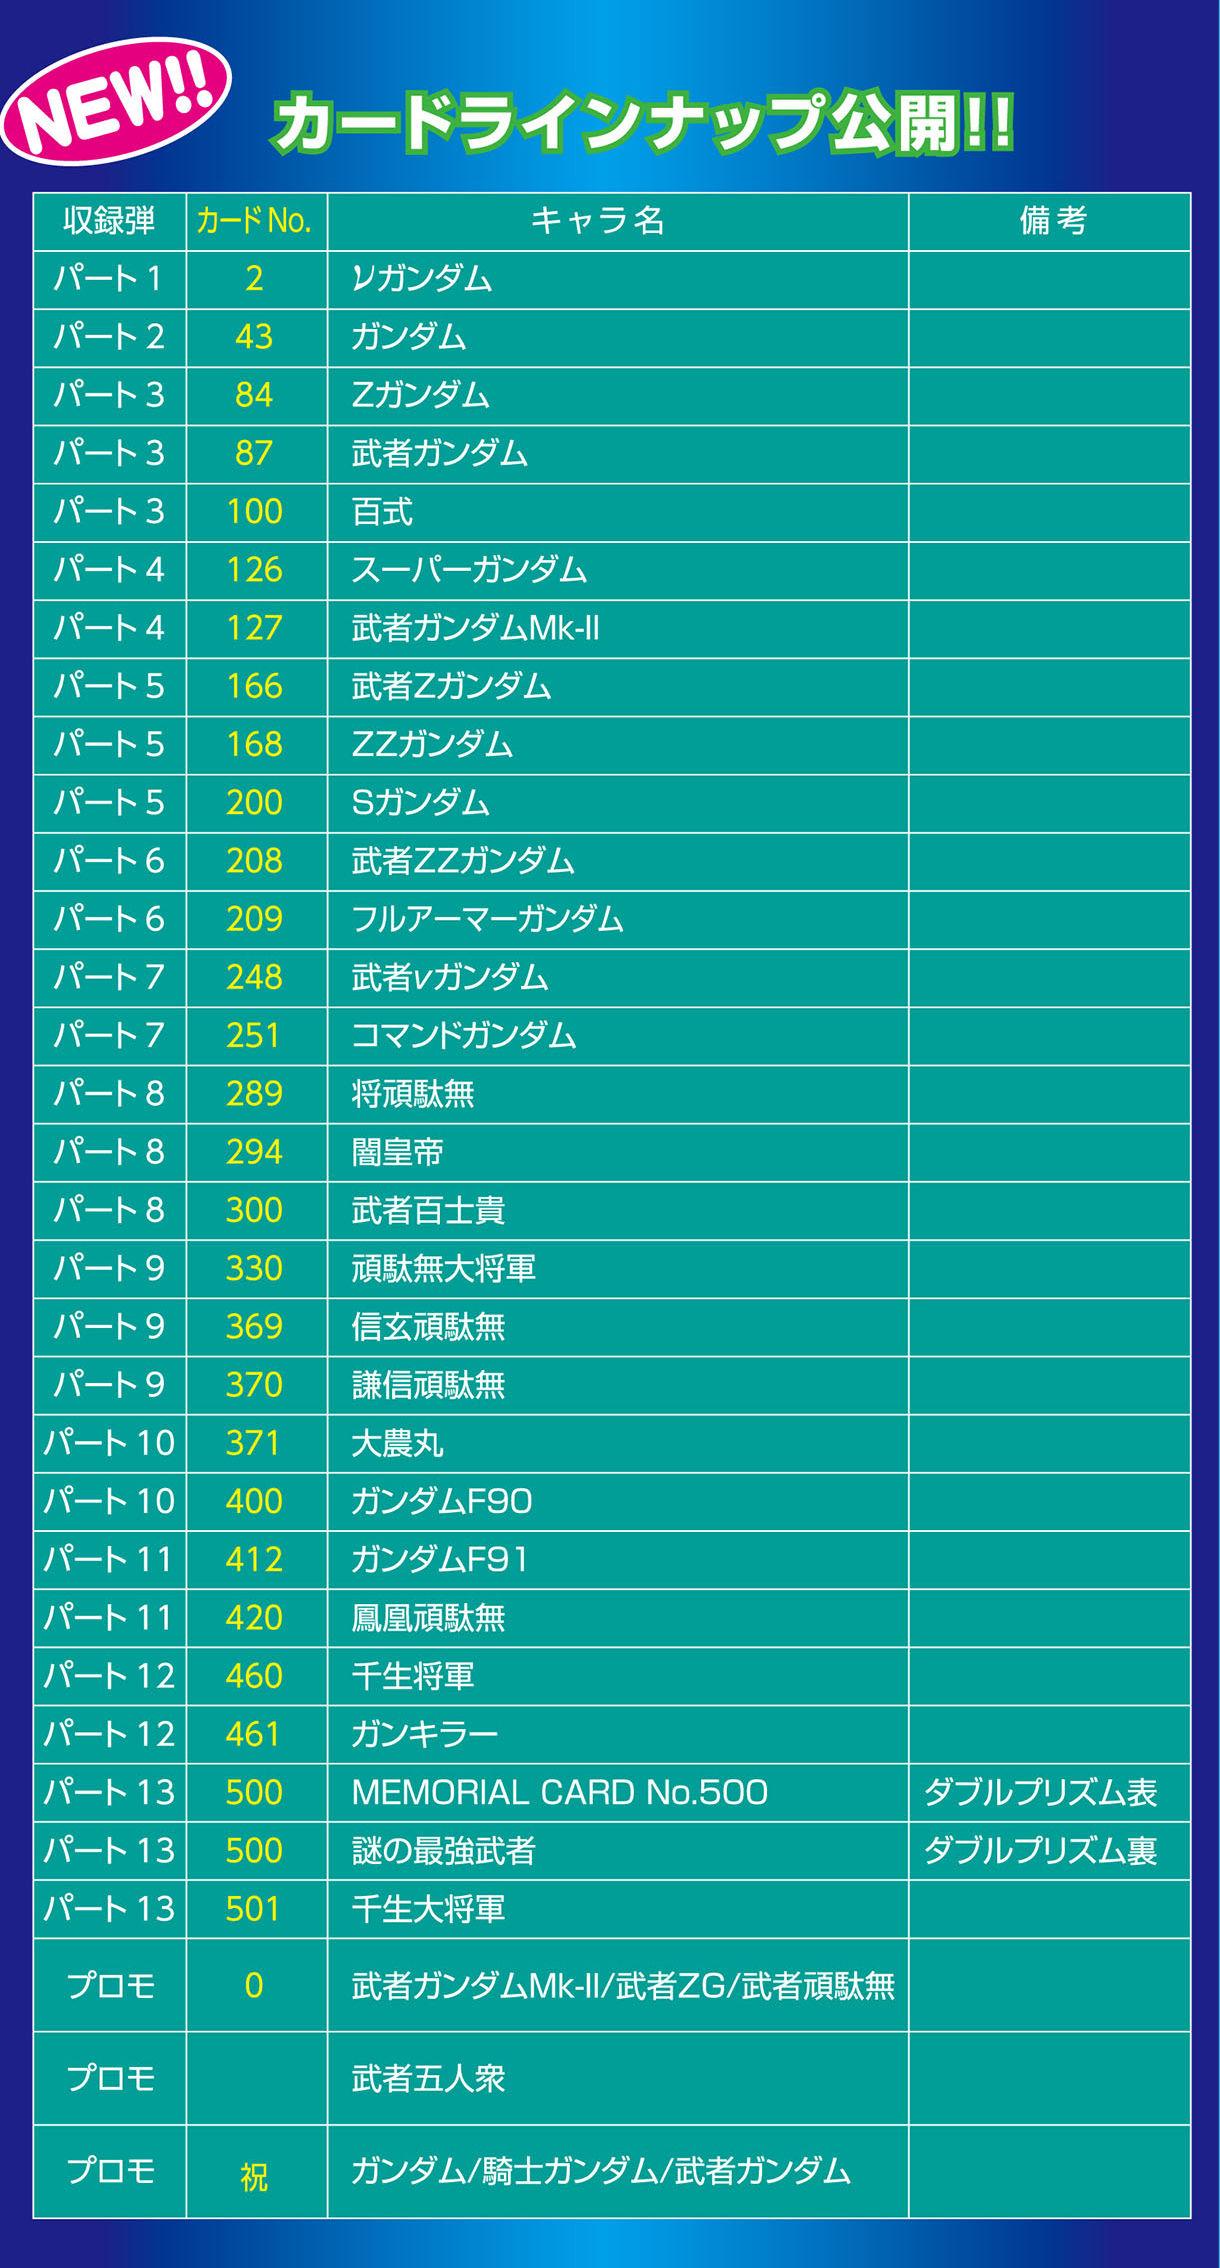 カードラインナップ公開!!